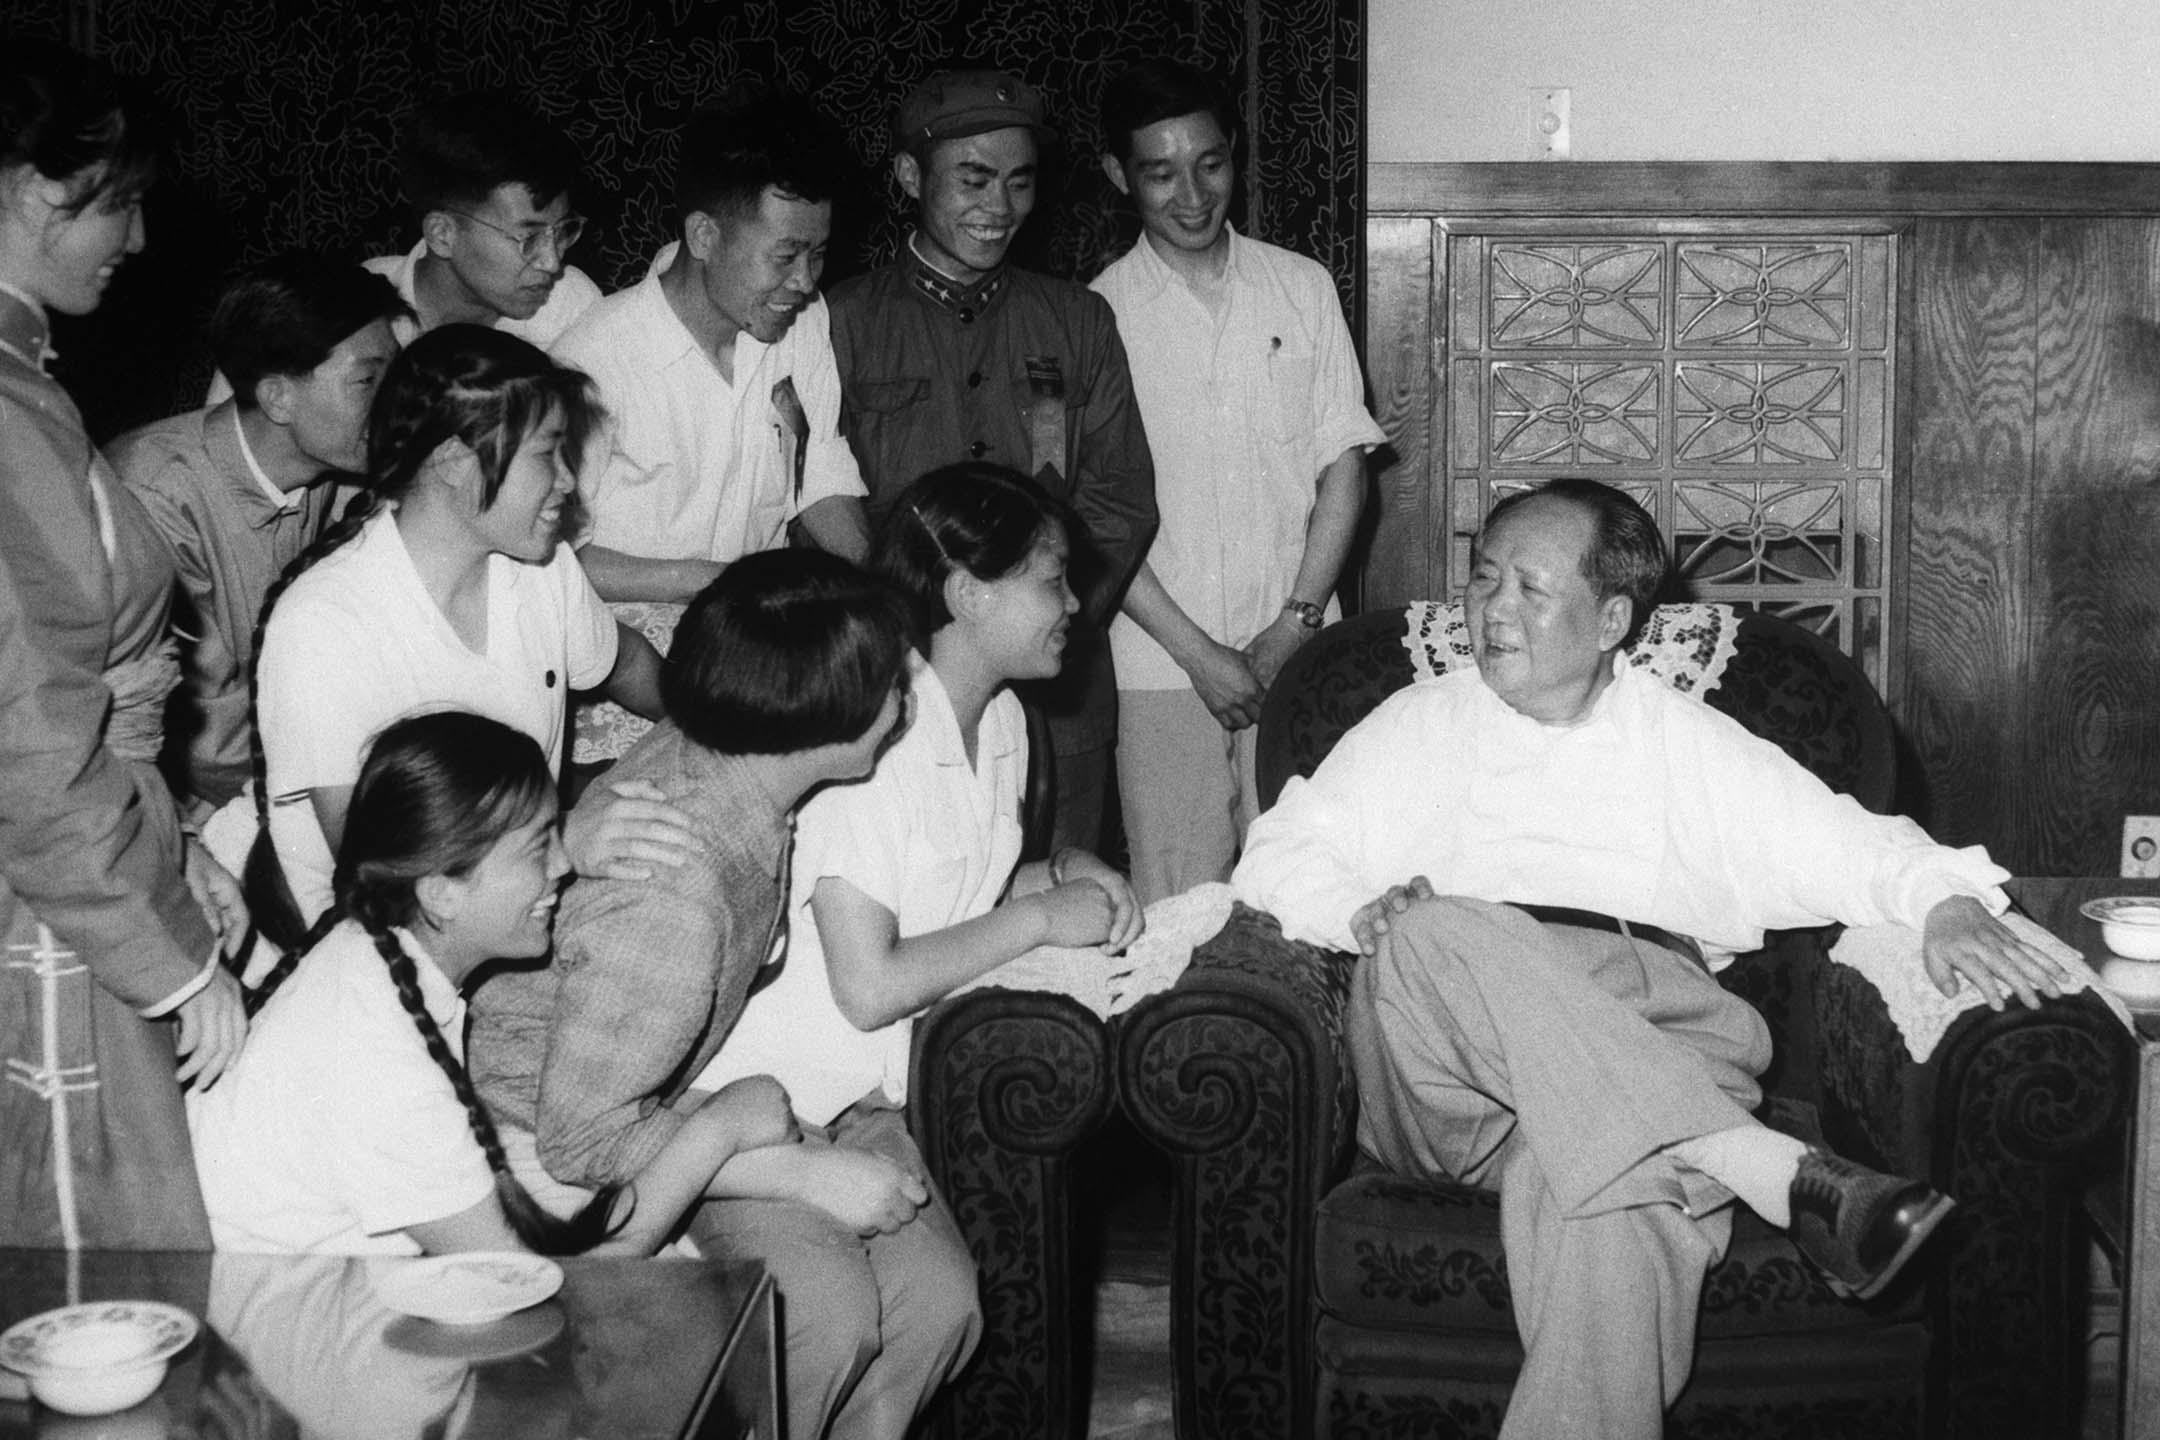 1964年7月23日北京,中共主席毛澤東坐在一張安樂椅上與學生交談。